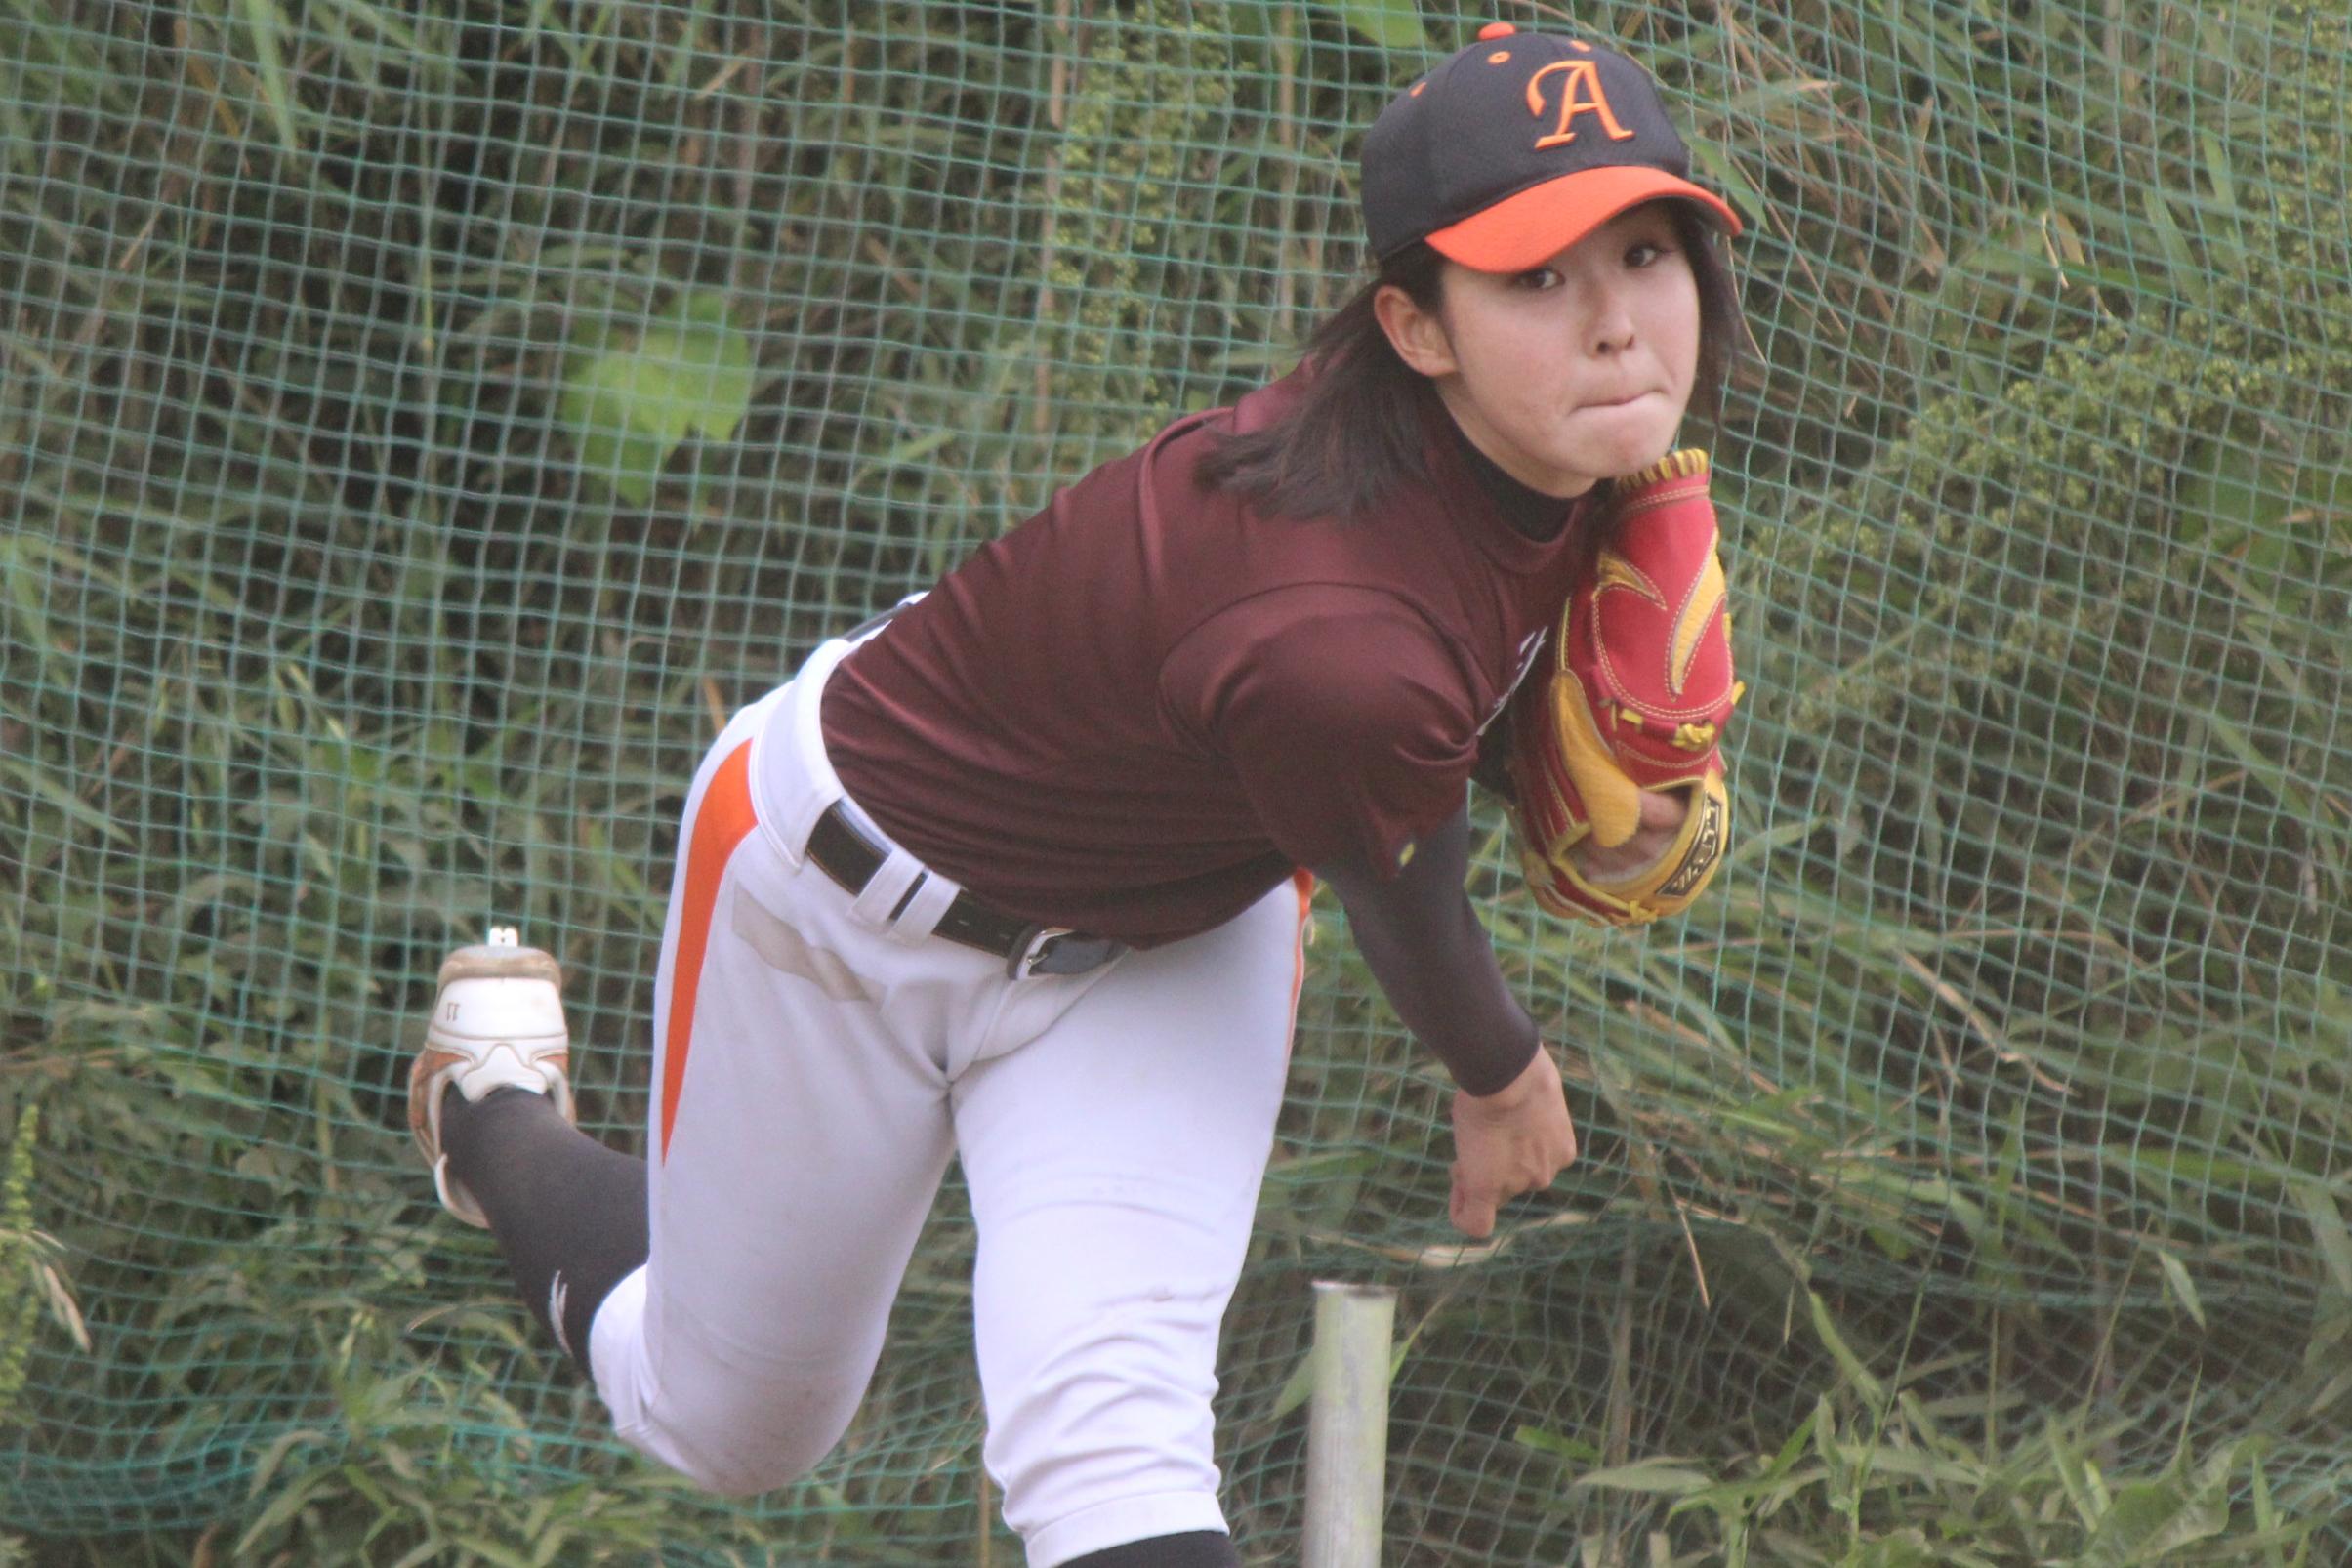 磯崎 由加里 (いそざき ゆかり、1991年7月26日 - ) は、日本の女子プロ野球選手。2019年時点で、埼玉アストライアに所属している。愛称 (ニックネーム) は「いっそ~」の投球写真